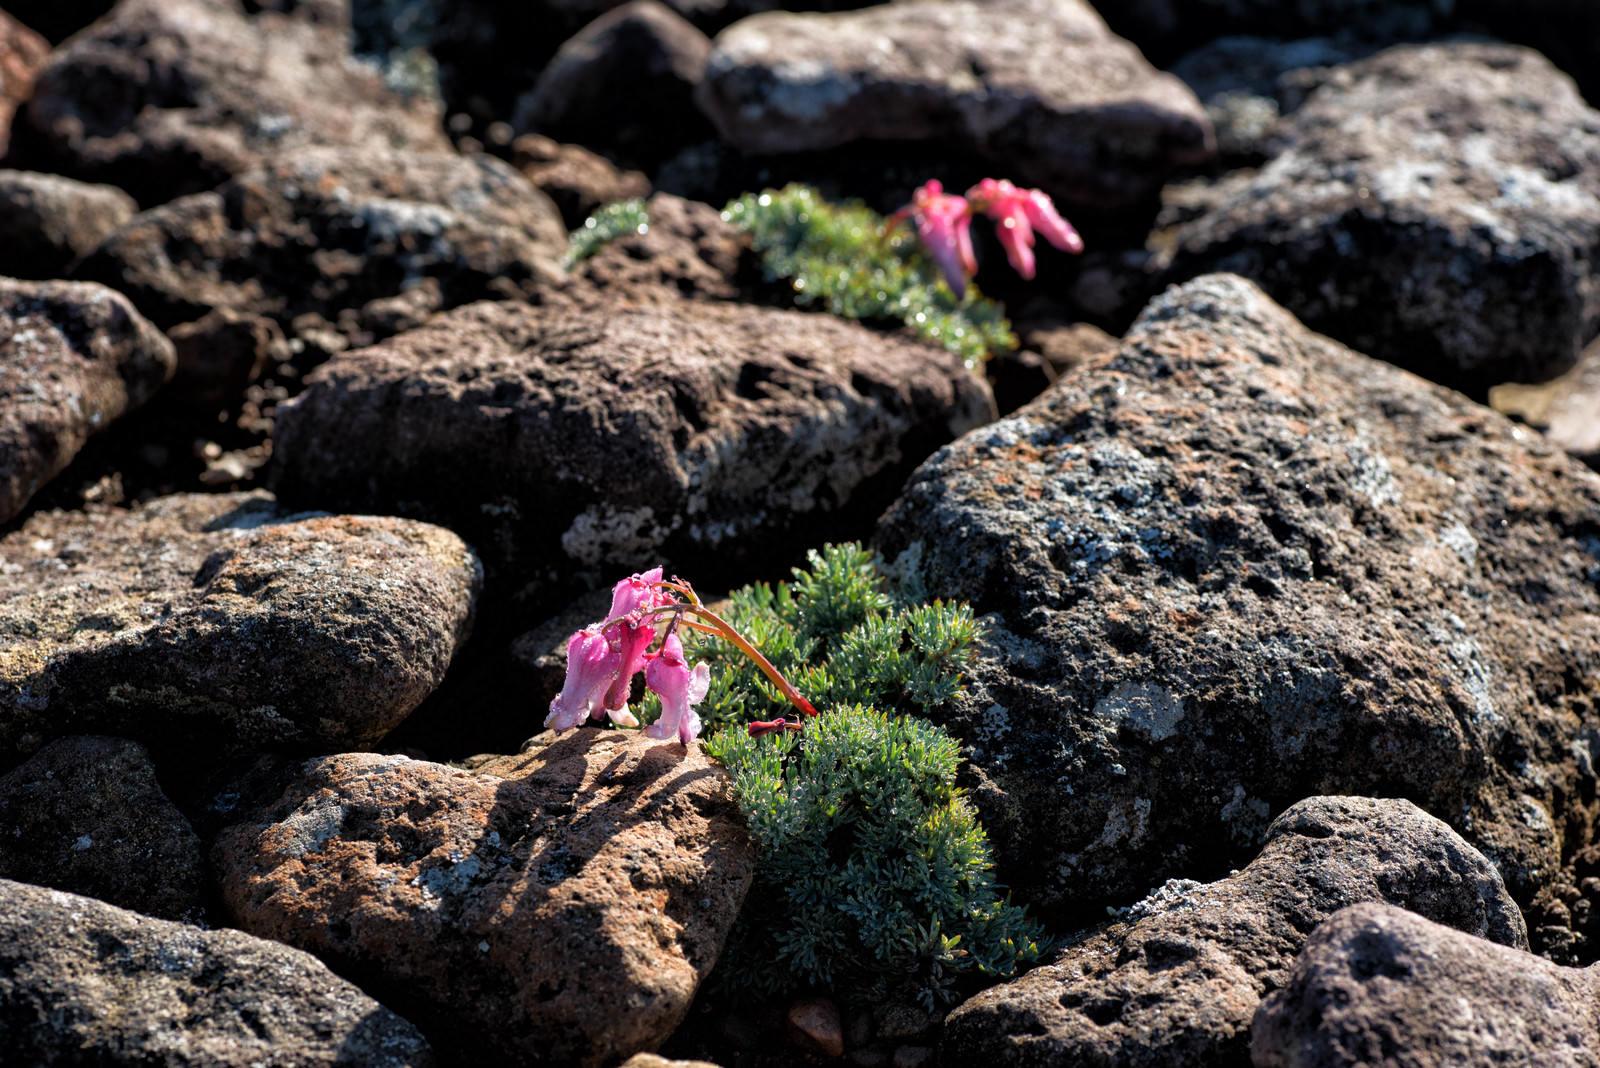 「岩間に咲く高山植物(コマクサ)」の写真